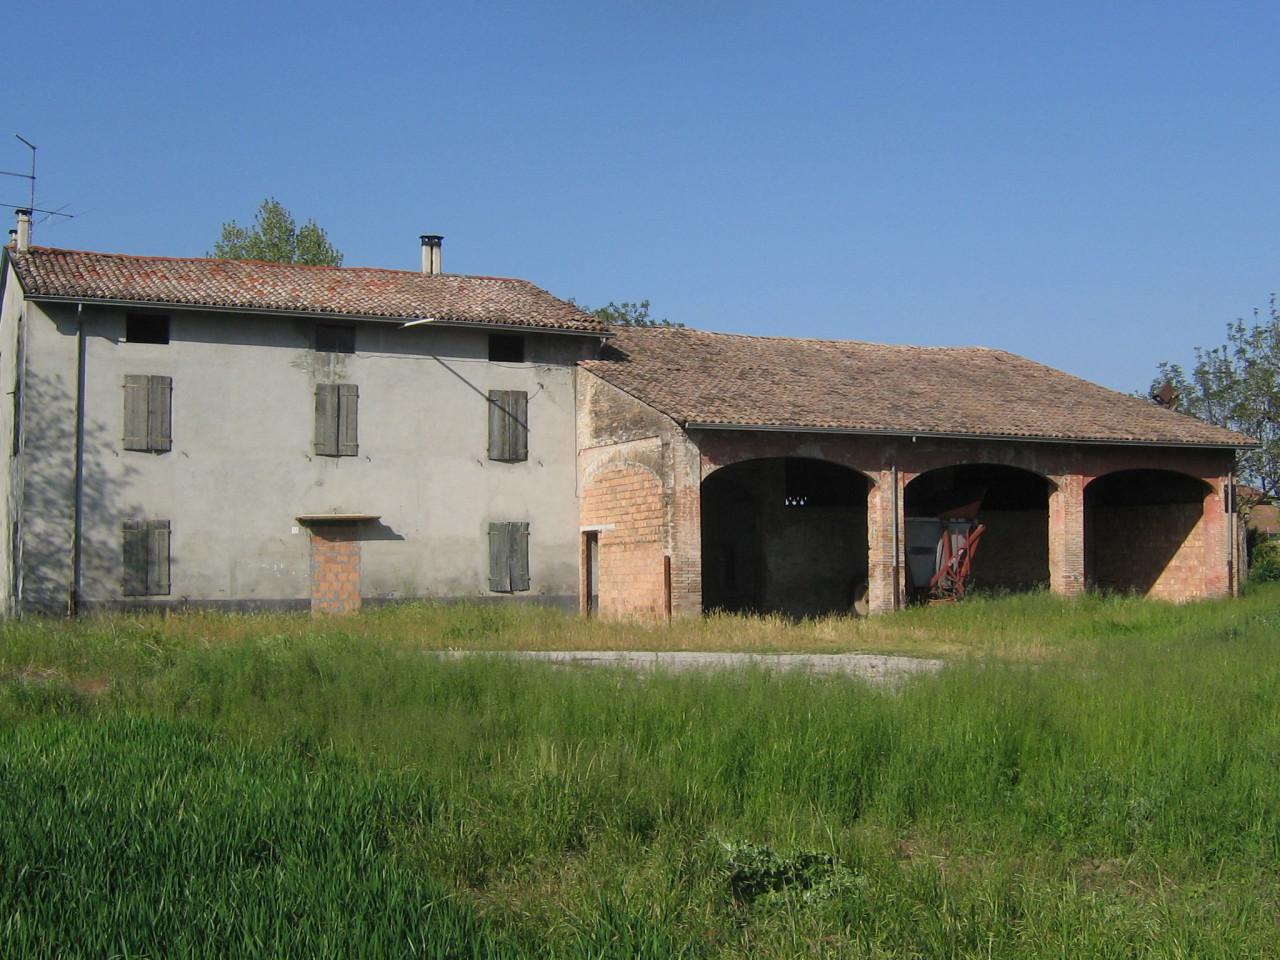 Rustico / Casale in vendita a Noceto, 12 locali, prezzo € 155.000 | Cambio Casa.it